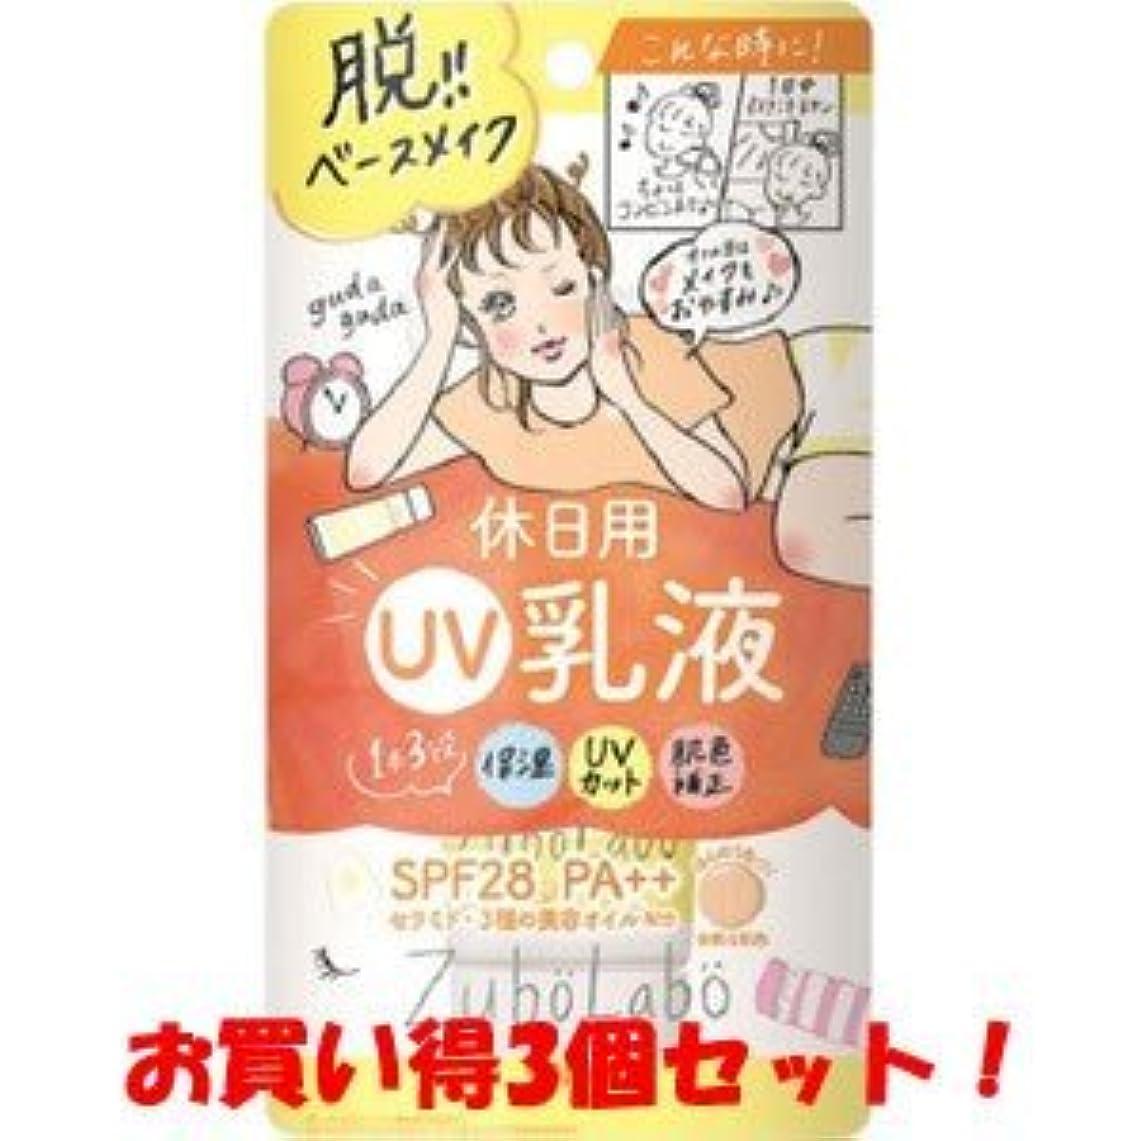 どっちロケーションリマークサナ(SANA)ズボラボ 休日用乳液 UV 60g/新商品/(お買い得3個セット)